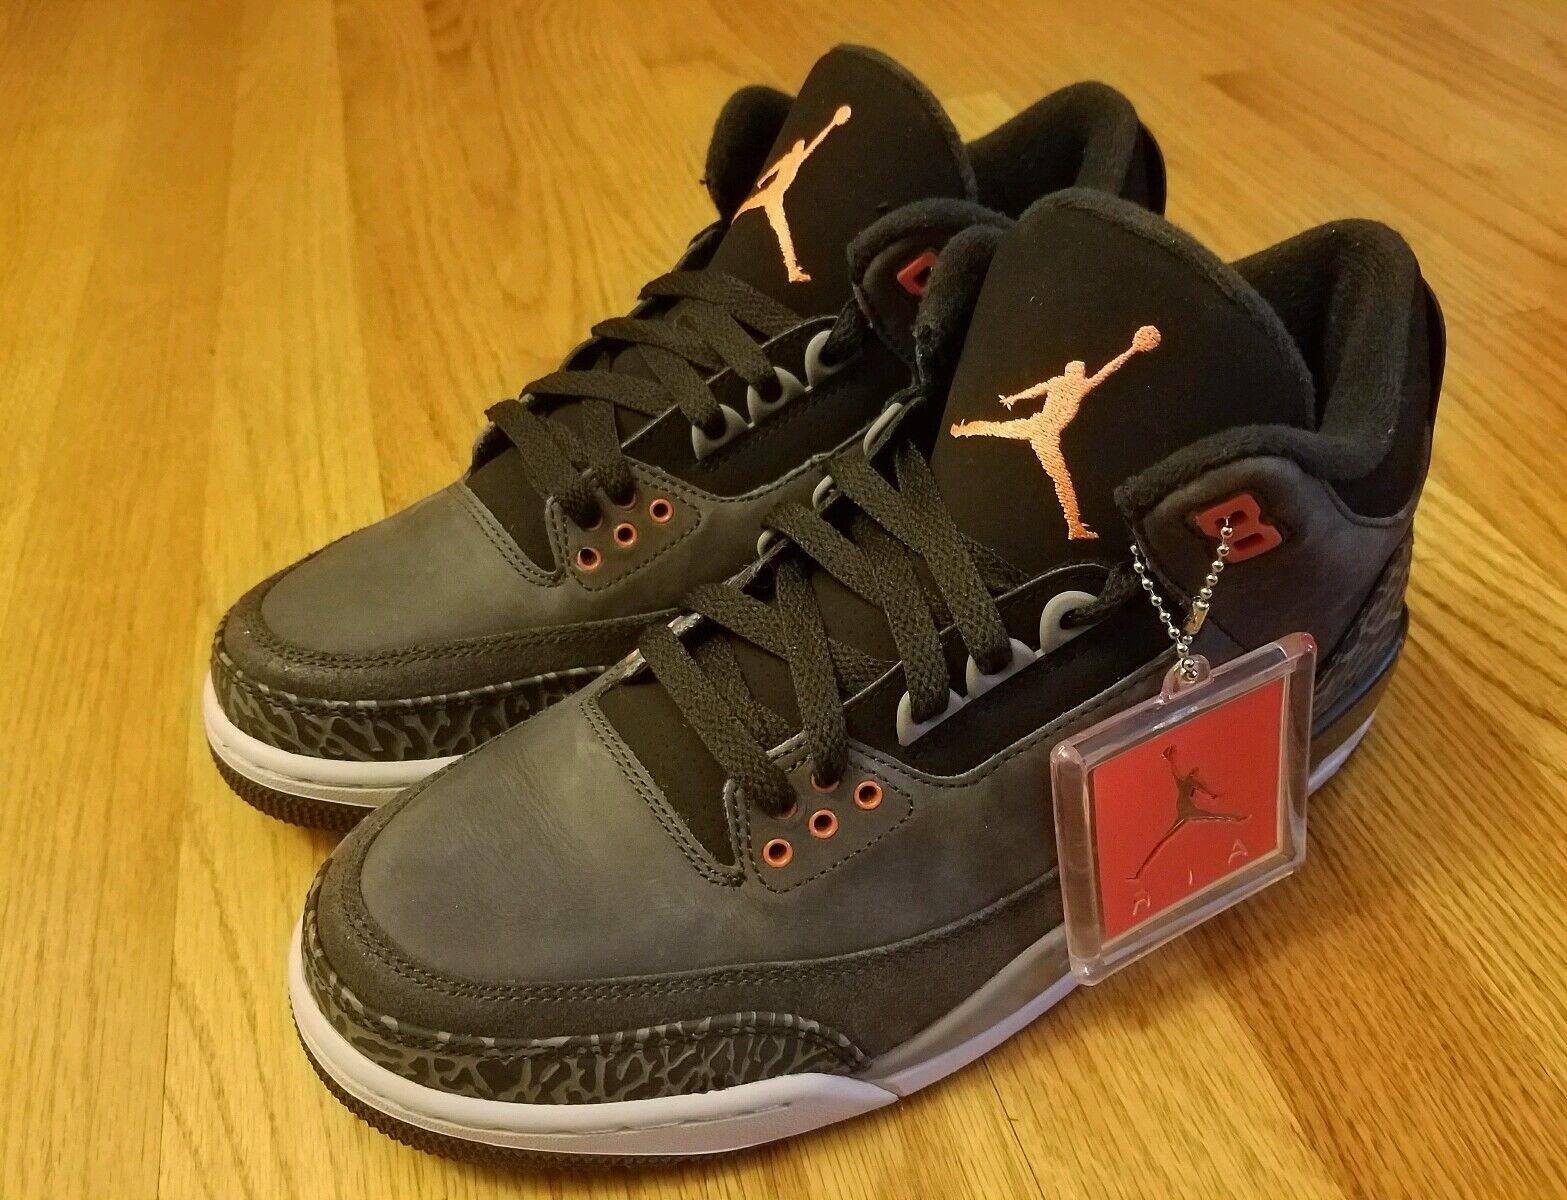 Air Jordan 3 Fear Retro Nike O.G 1,2,4,5,6,7,8,9,10,11 Banned Supreme